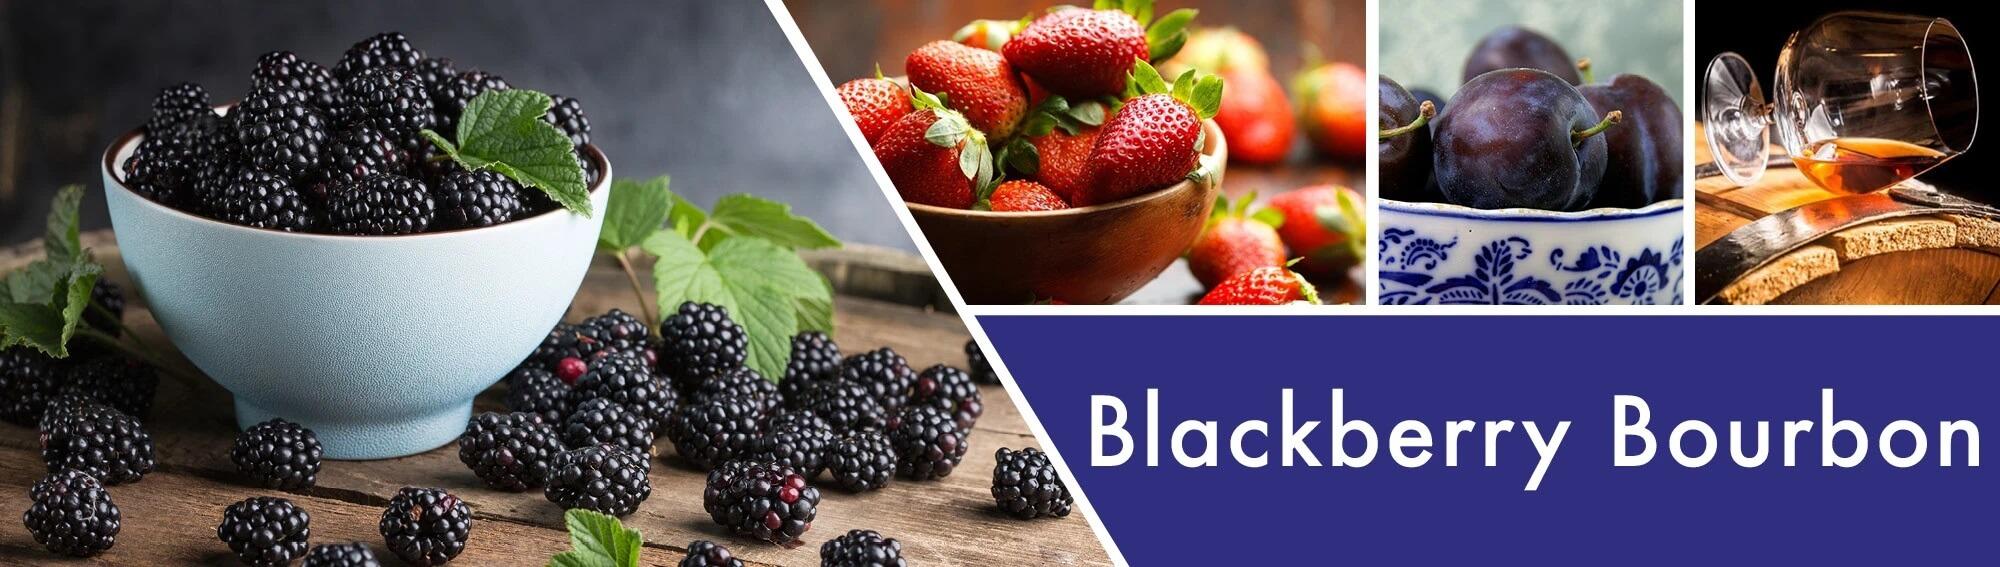 Blackberry-Bourbon-Banner